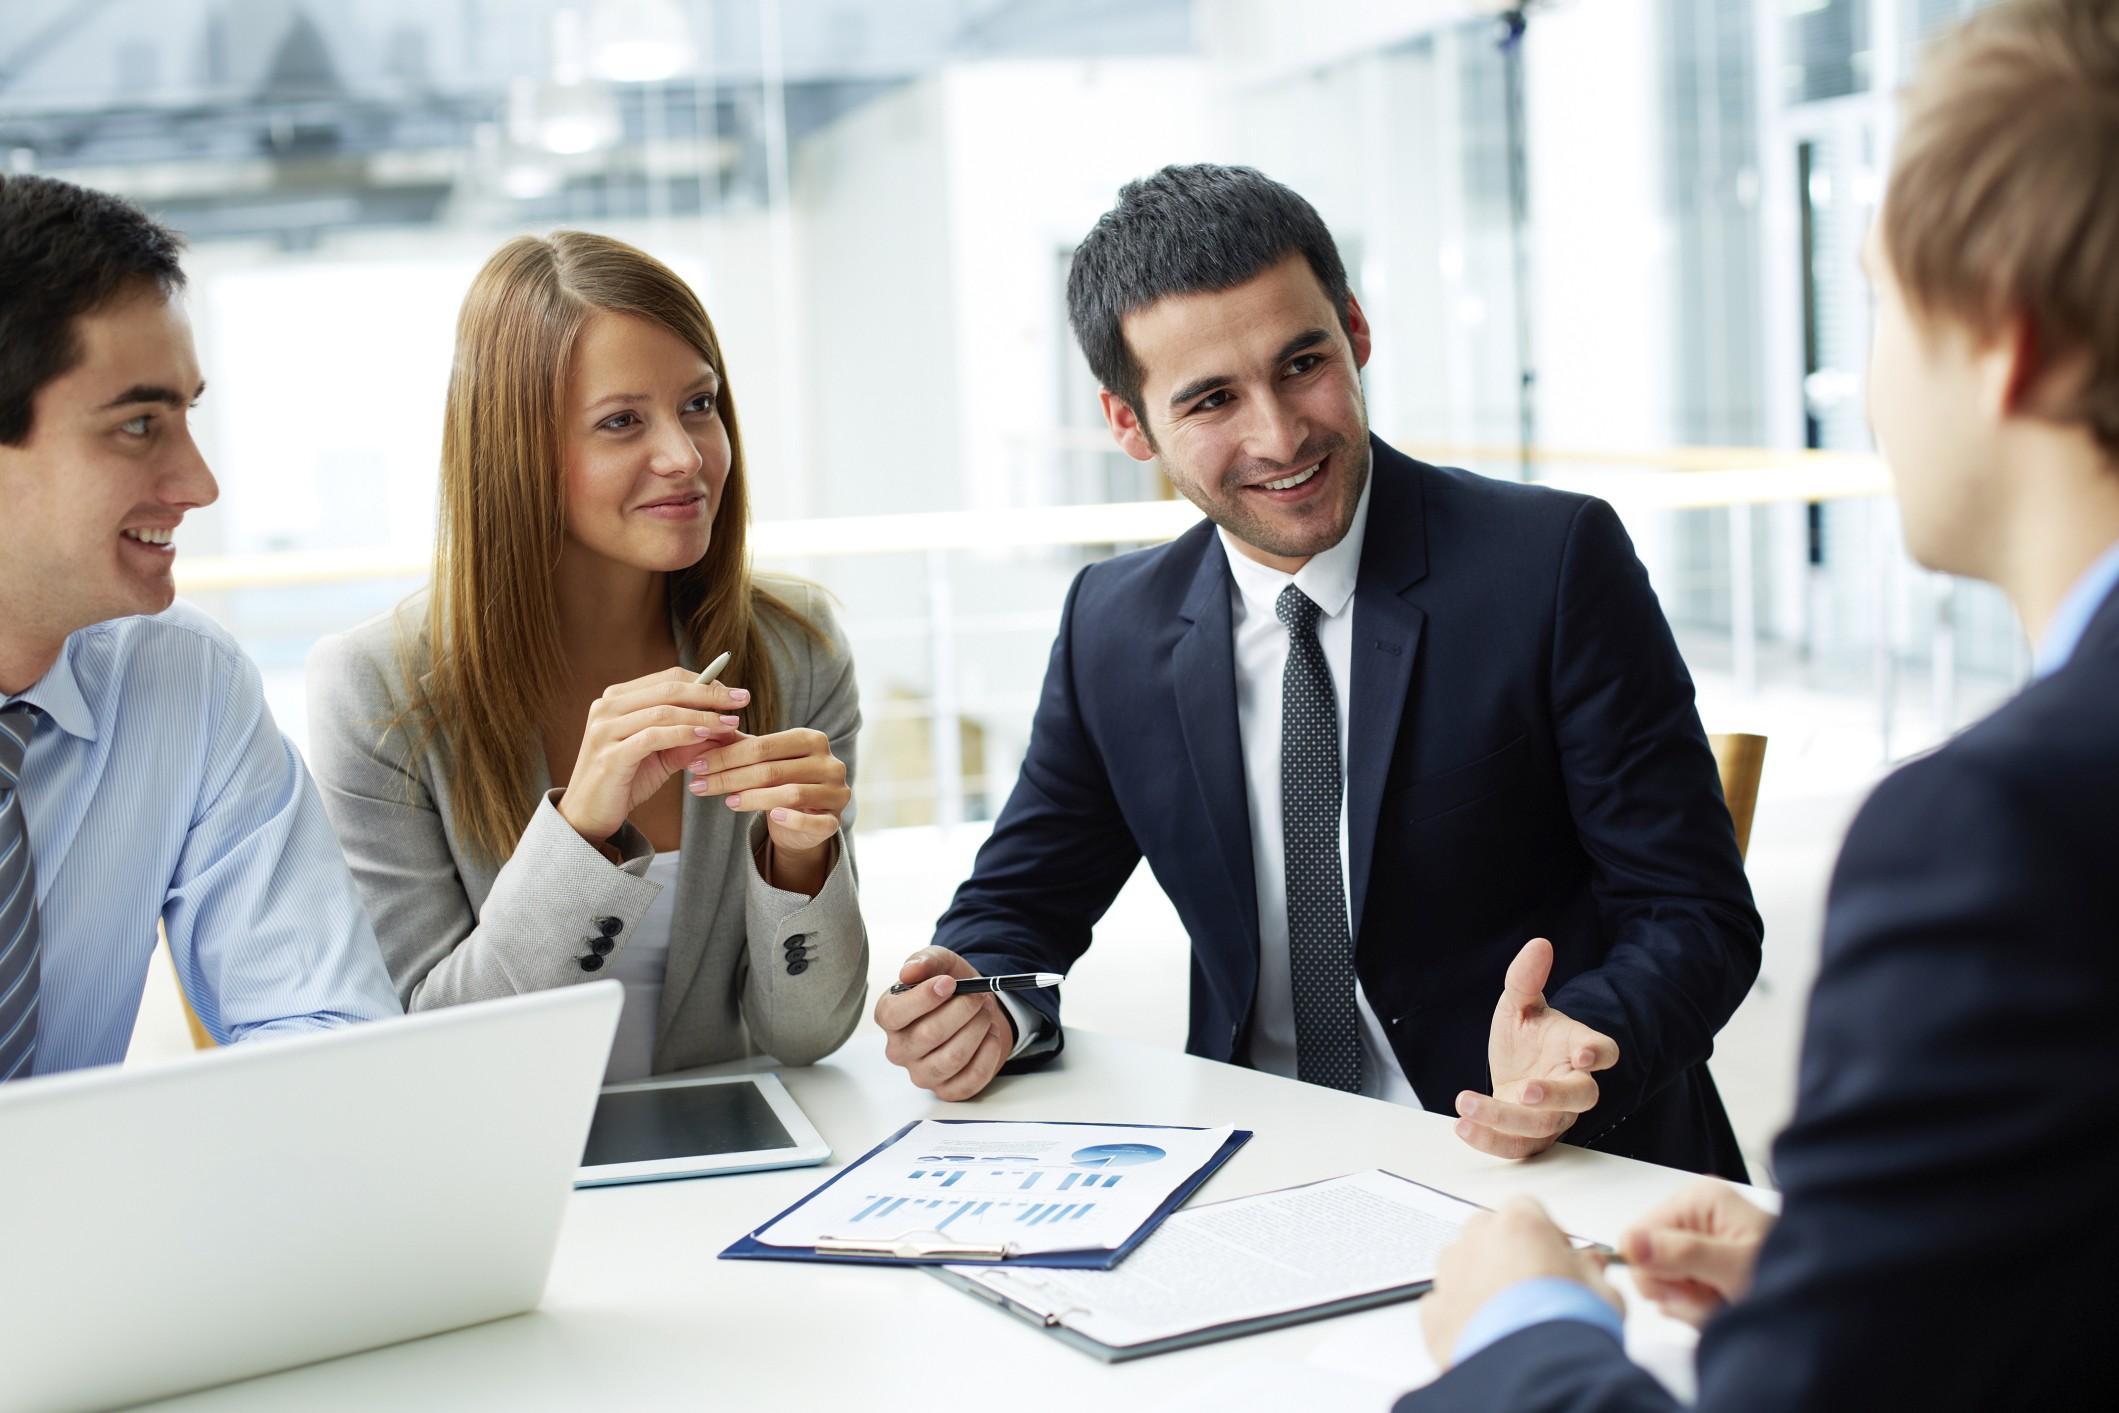 Ufficio Lavoro : L influenza dell ufficio sul nostro benessere psico fisico è di